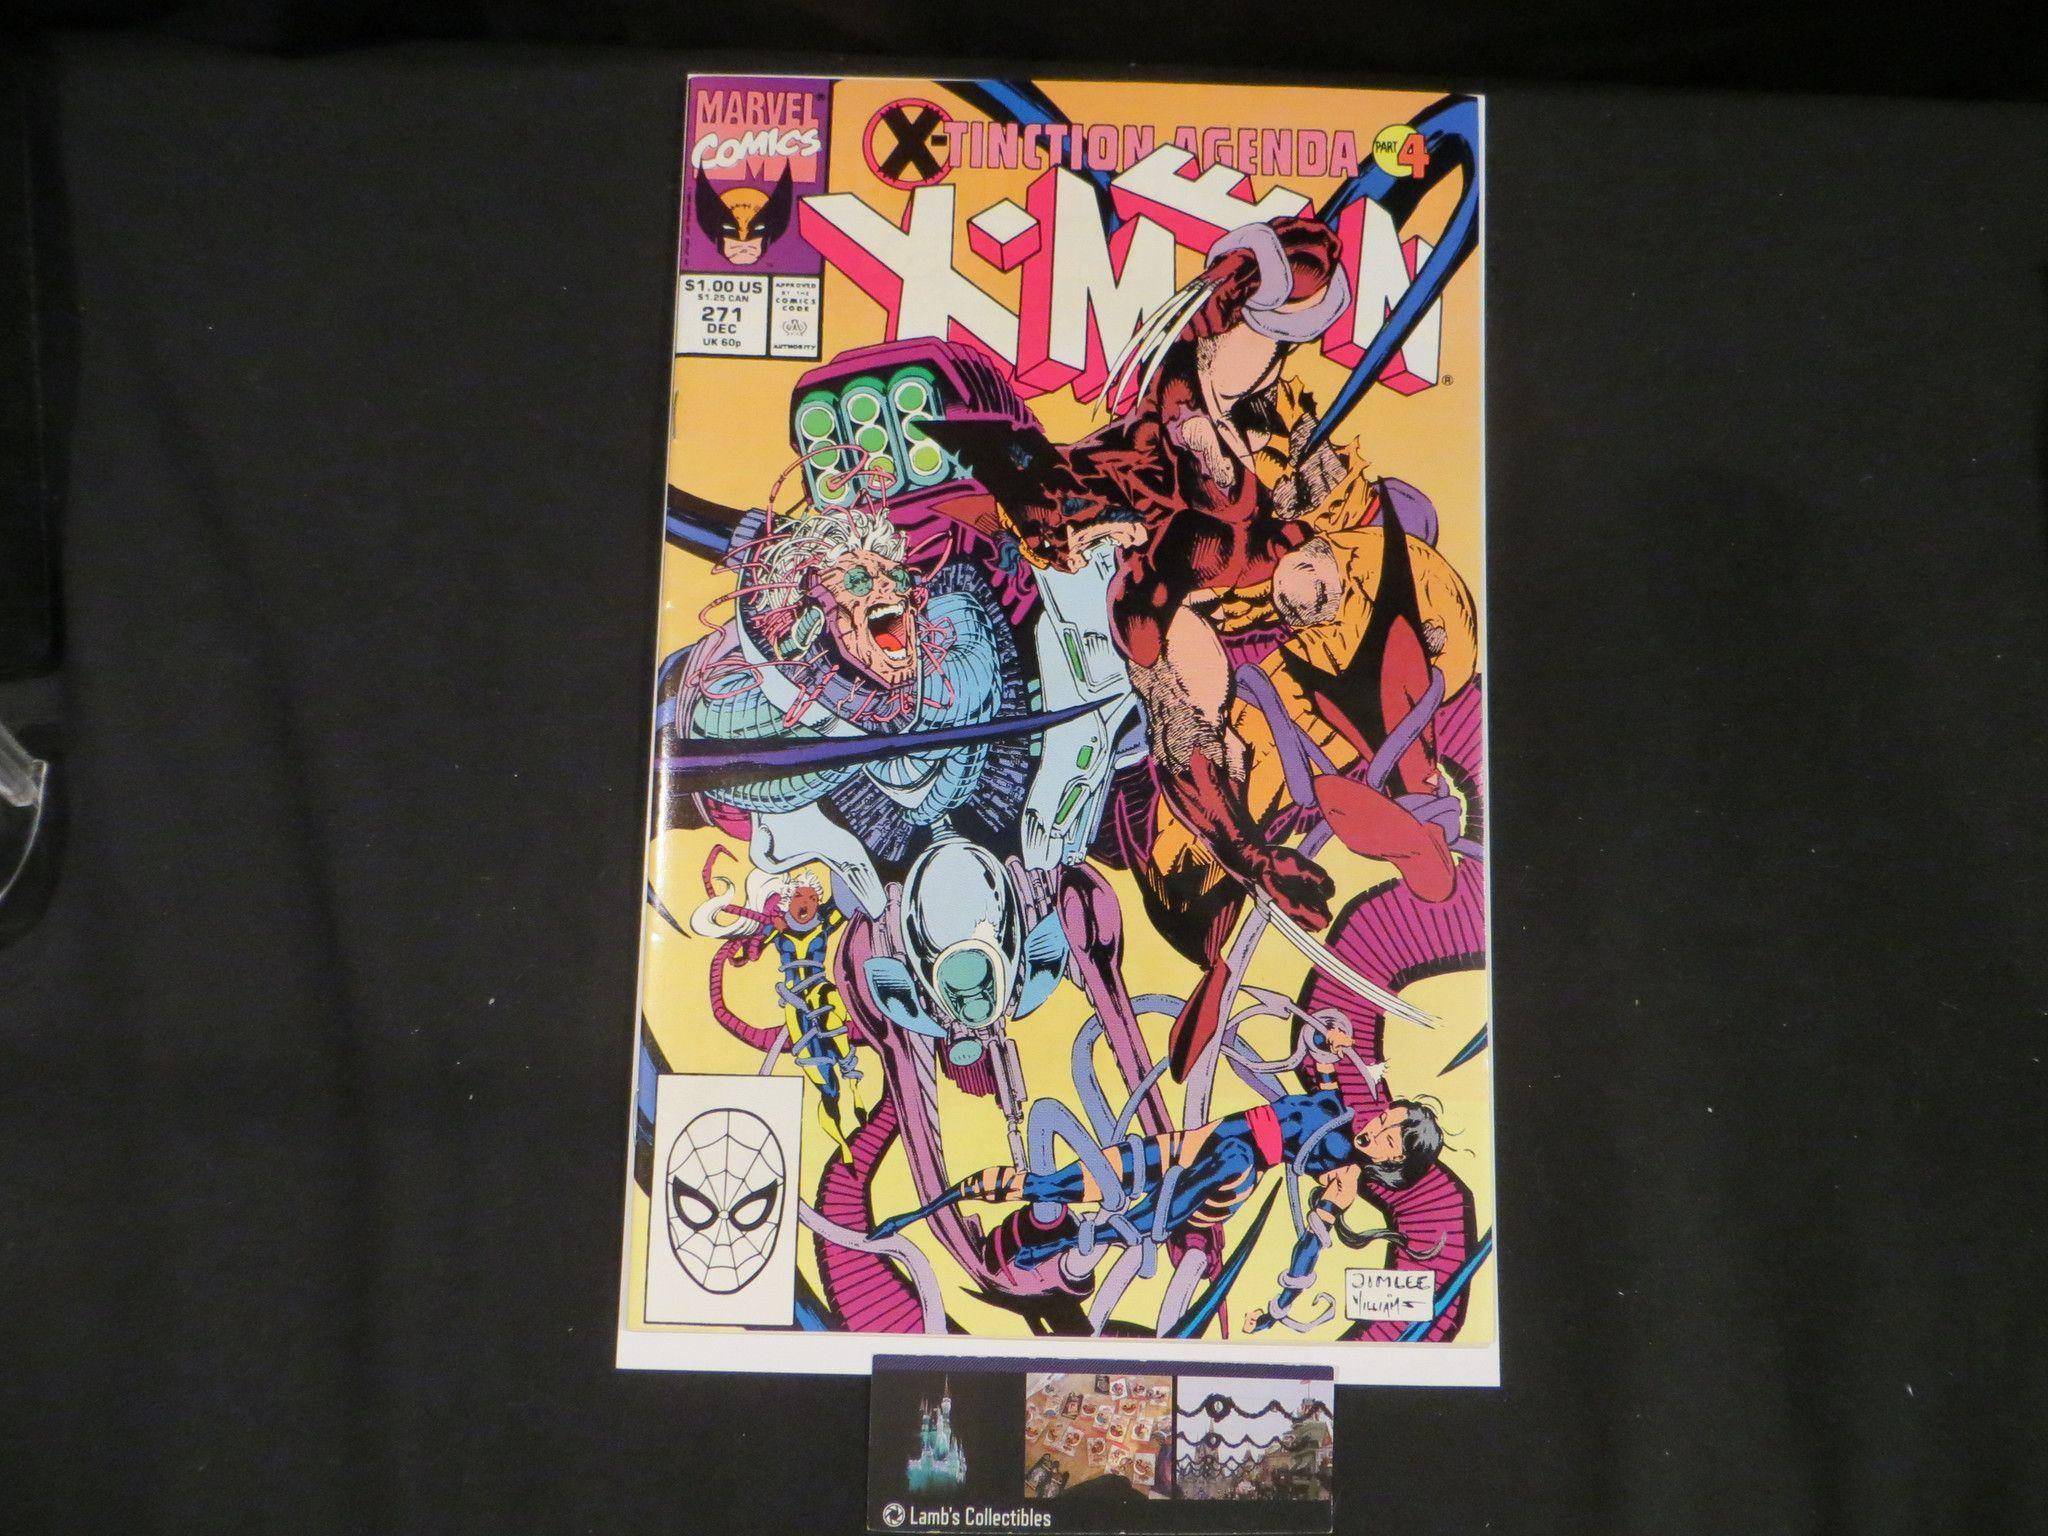 X-men #271 Vol 1 Dec 1990 comic book Jim Lee